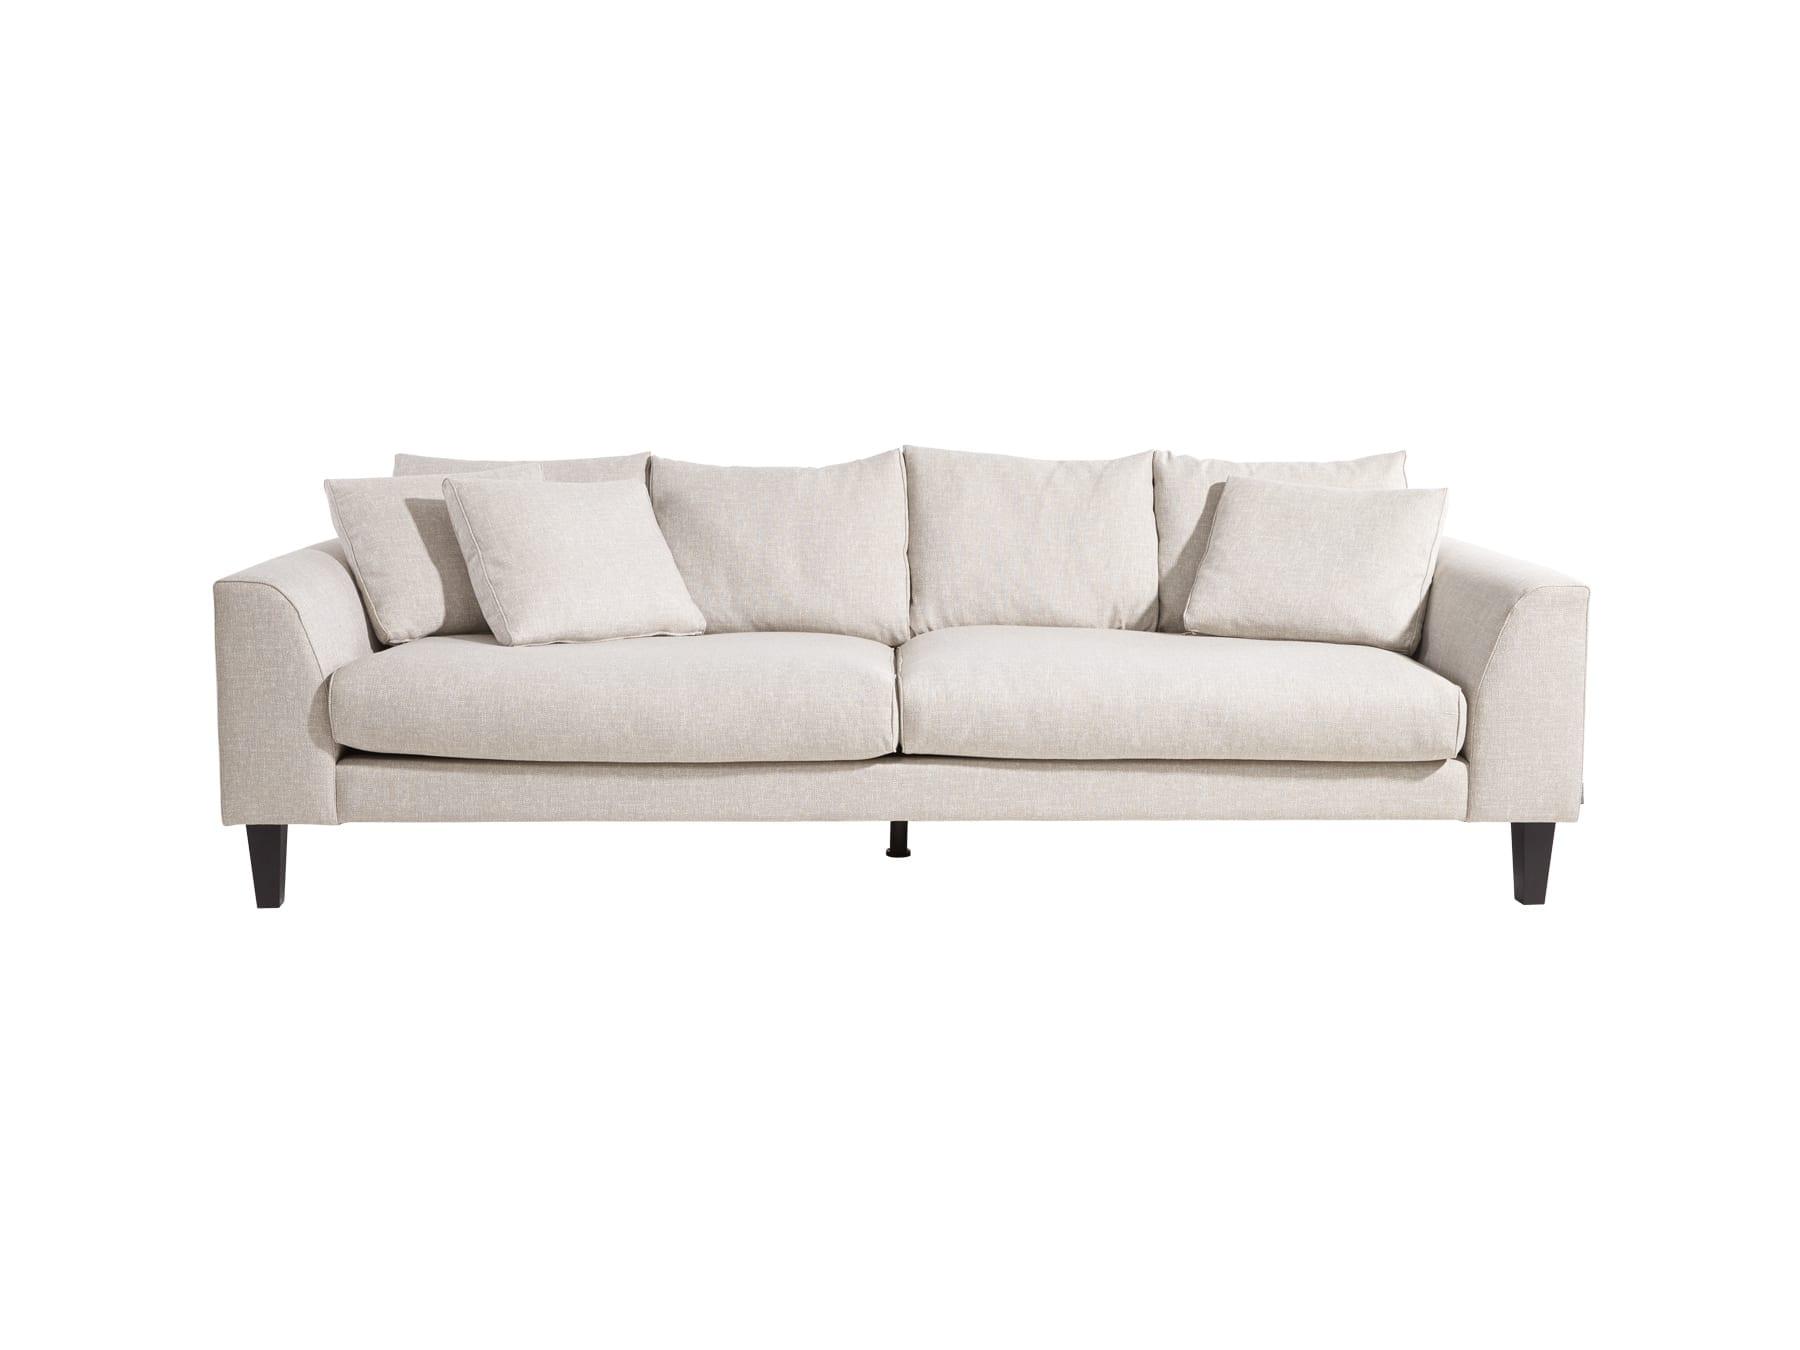 Furninova blues baker sofa mckenzie willis for Baker furniture sectional sofa